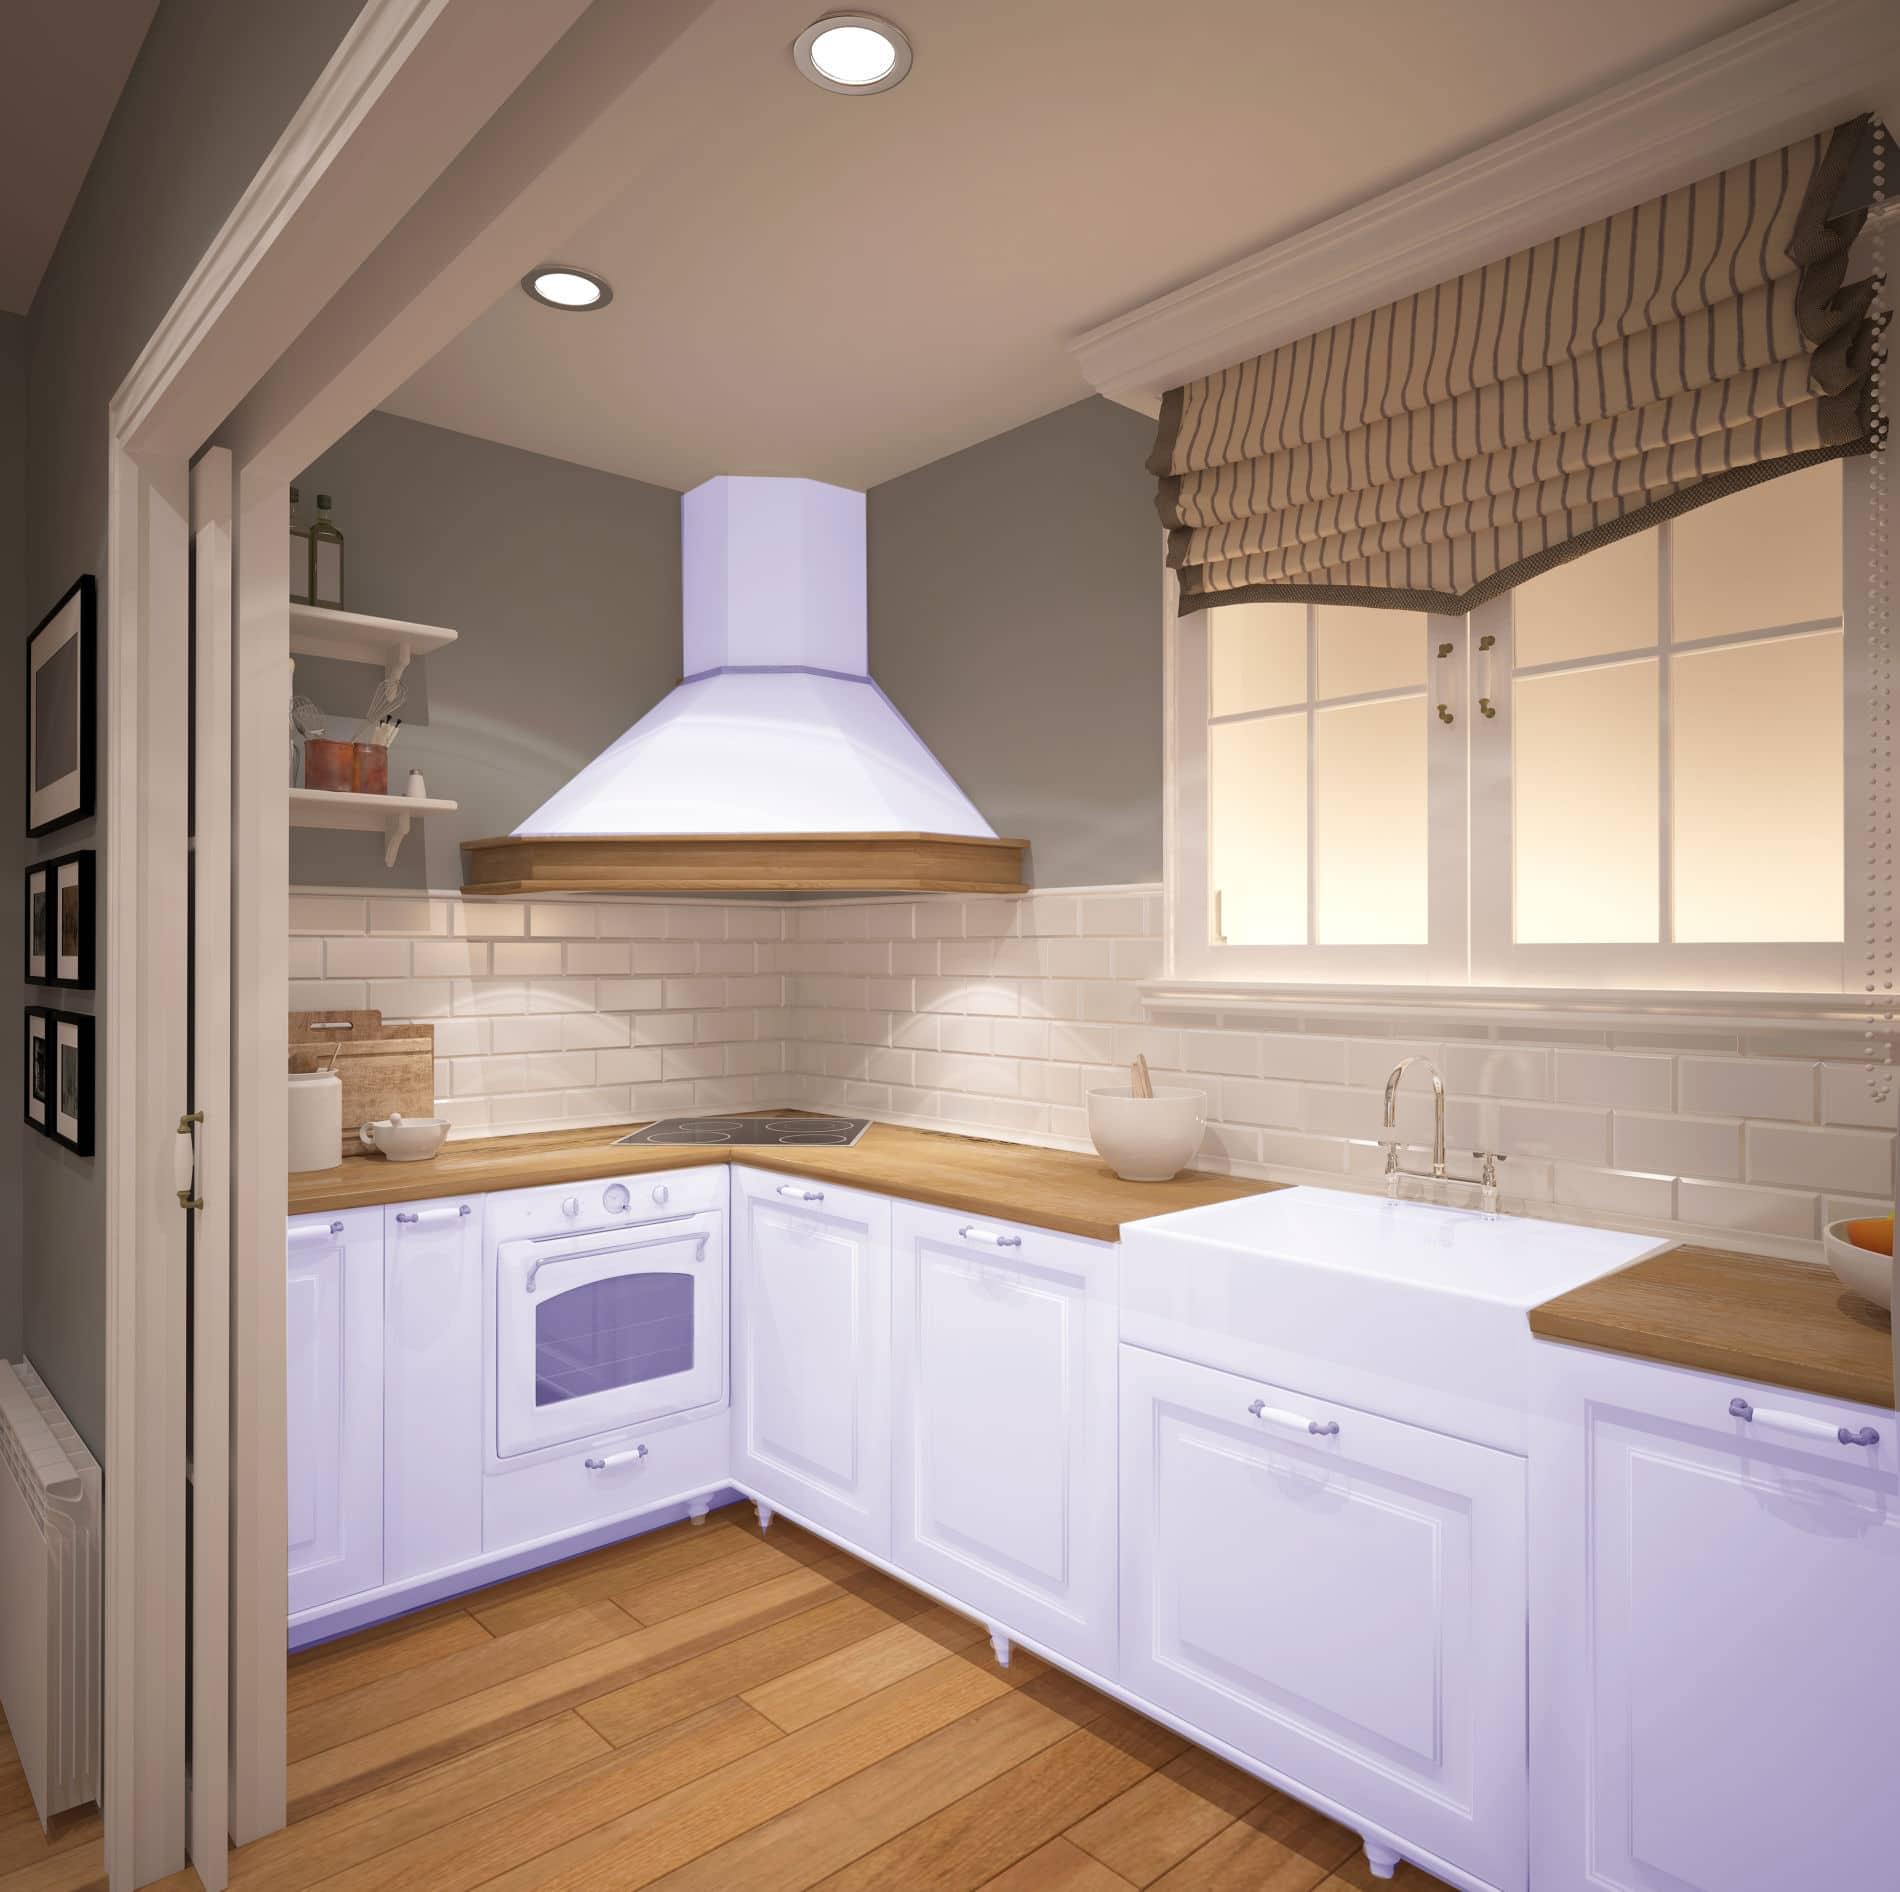 עיצוב מטבחים בהתאמהמכירת אביזרים למטבחים אדיבים עם אדיבות ושירות מהיר שיודעים לתקן בעיות בשטח באופן מהיר תוך כדי חיבור הכיריים החשמליים ובדיקת תקינותם